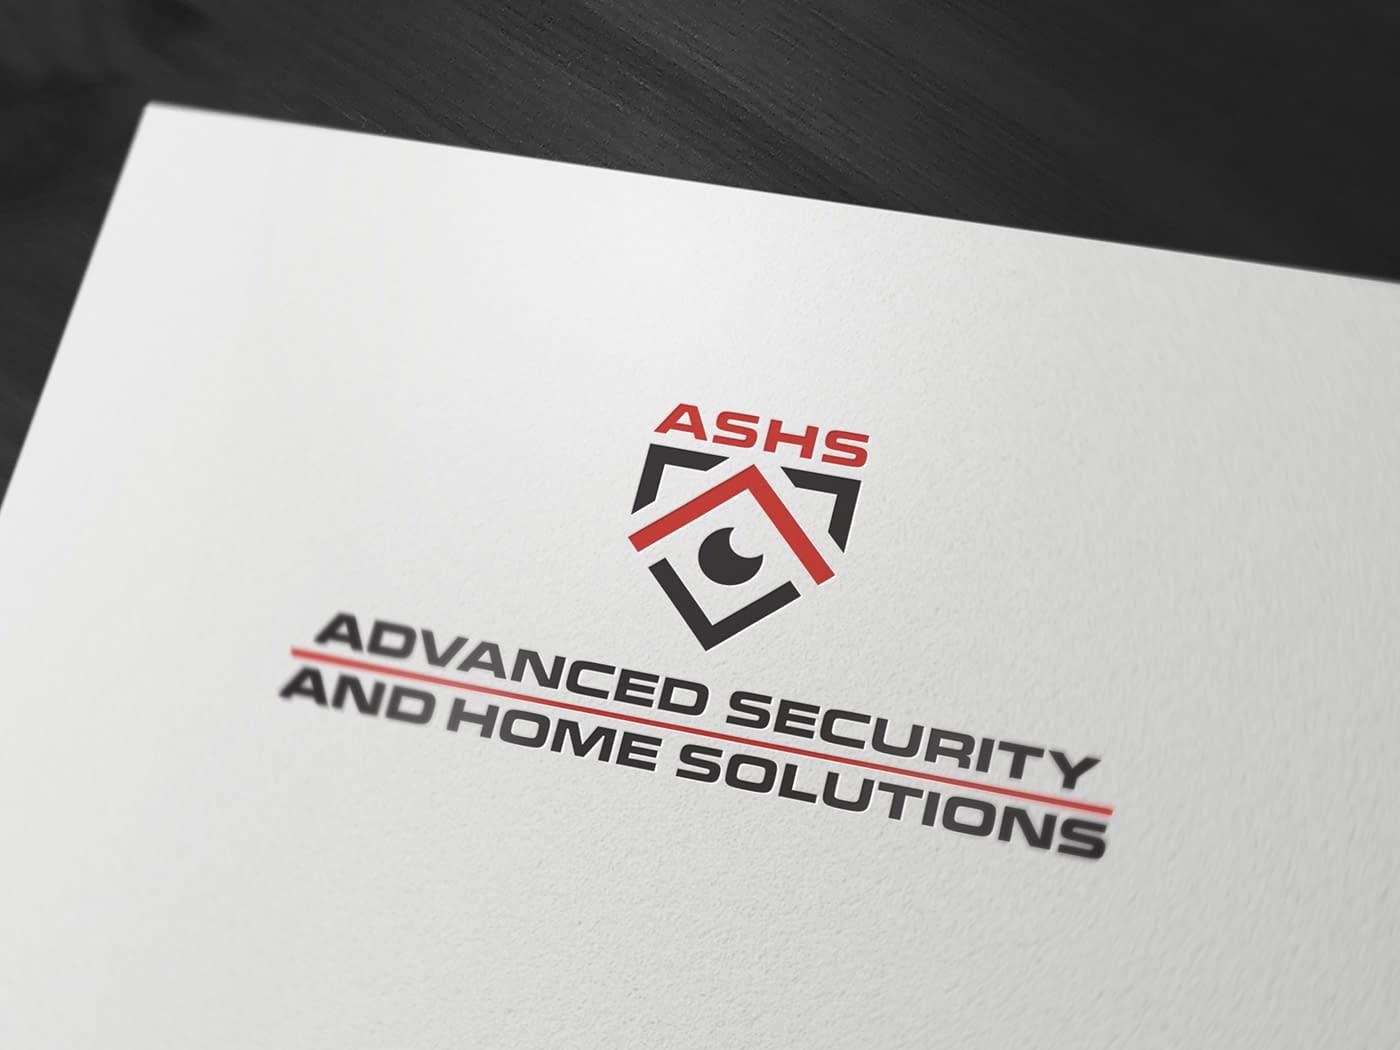 eximdesign_ASHS_2.jpg